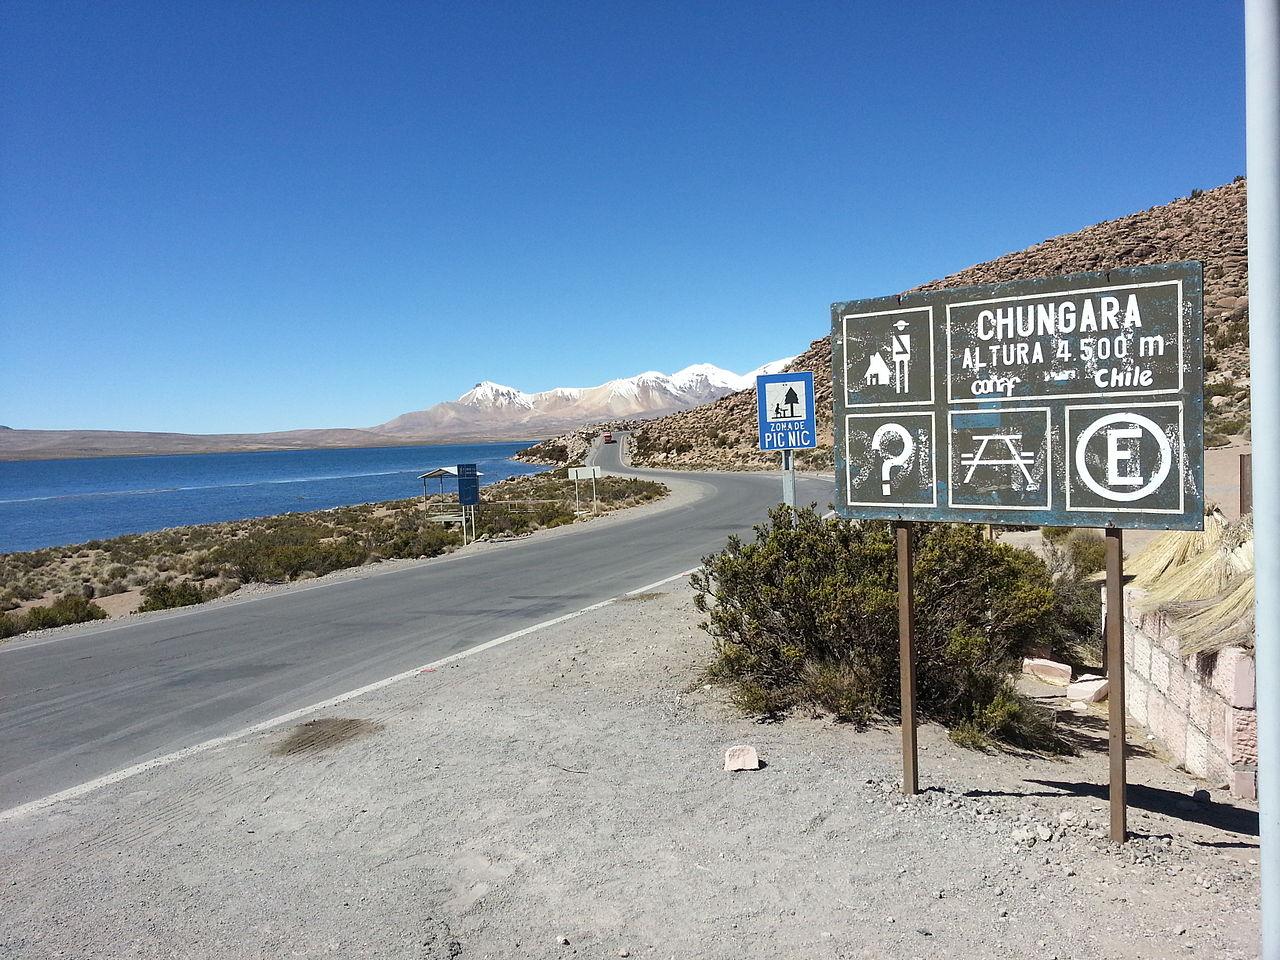 Озеро Чунгара, Чили